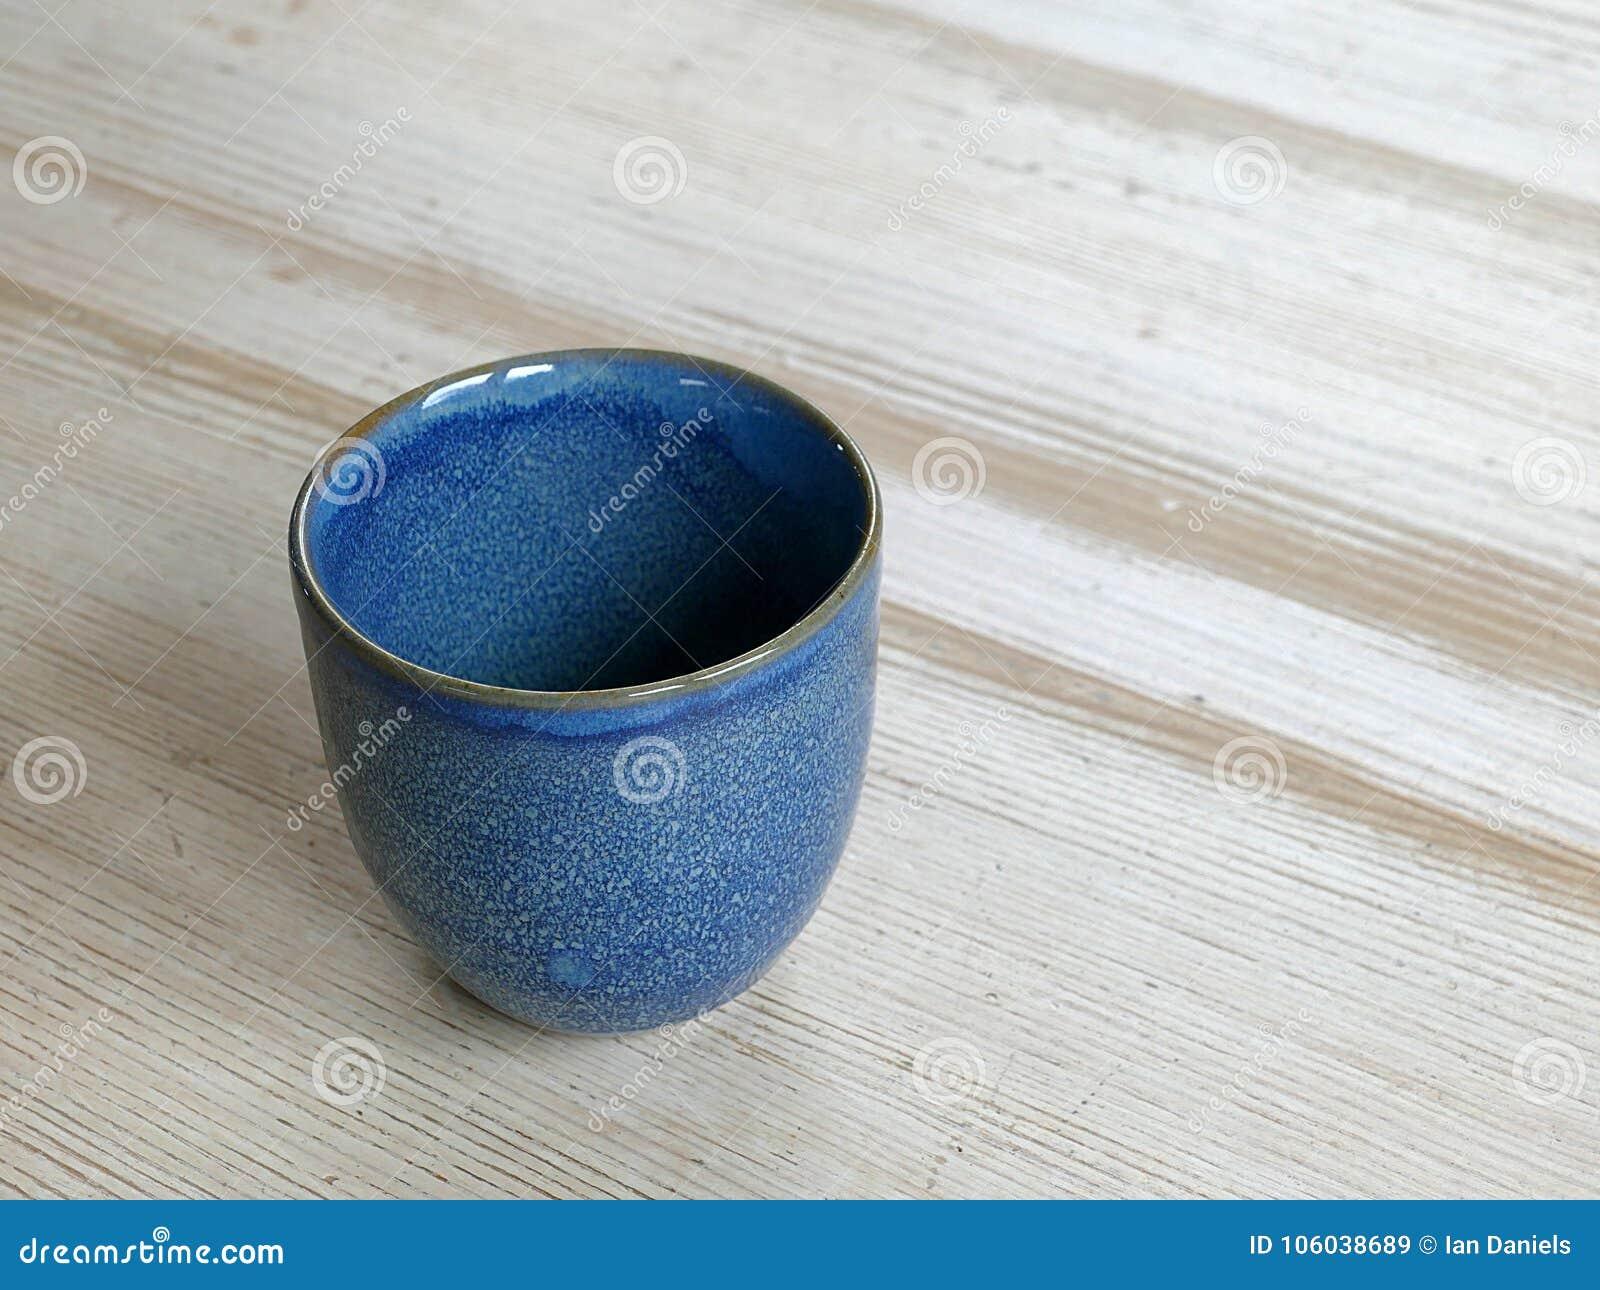 Handgemachte blaue Kaffeetasse auf einem Holztisch